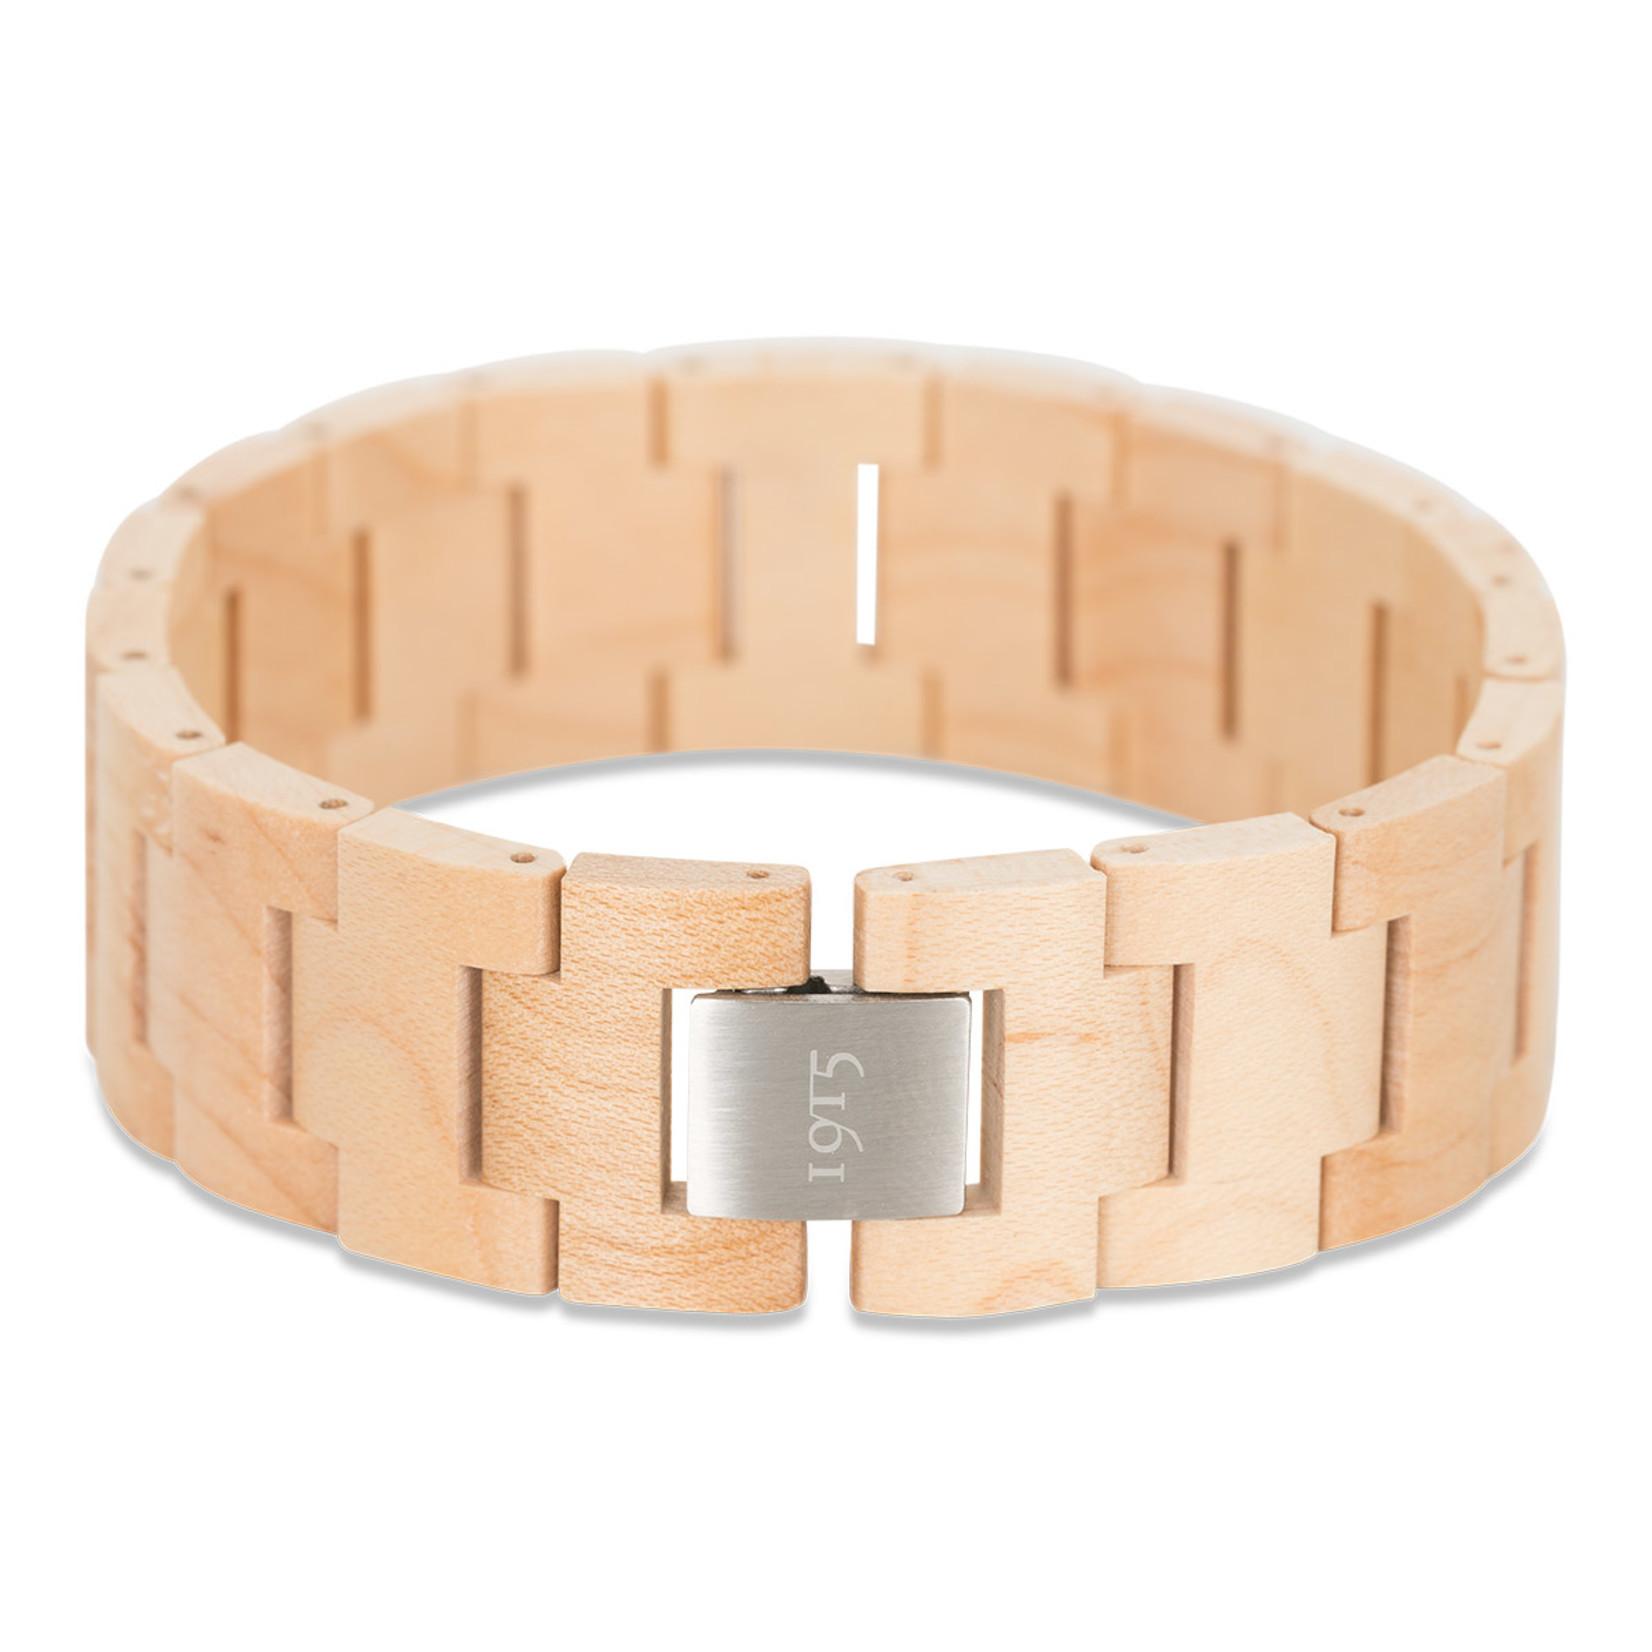 1915 watches 1915 bracelet Maple   Houten schakel armband van 1915 watches   Esdoorn hout